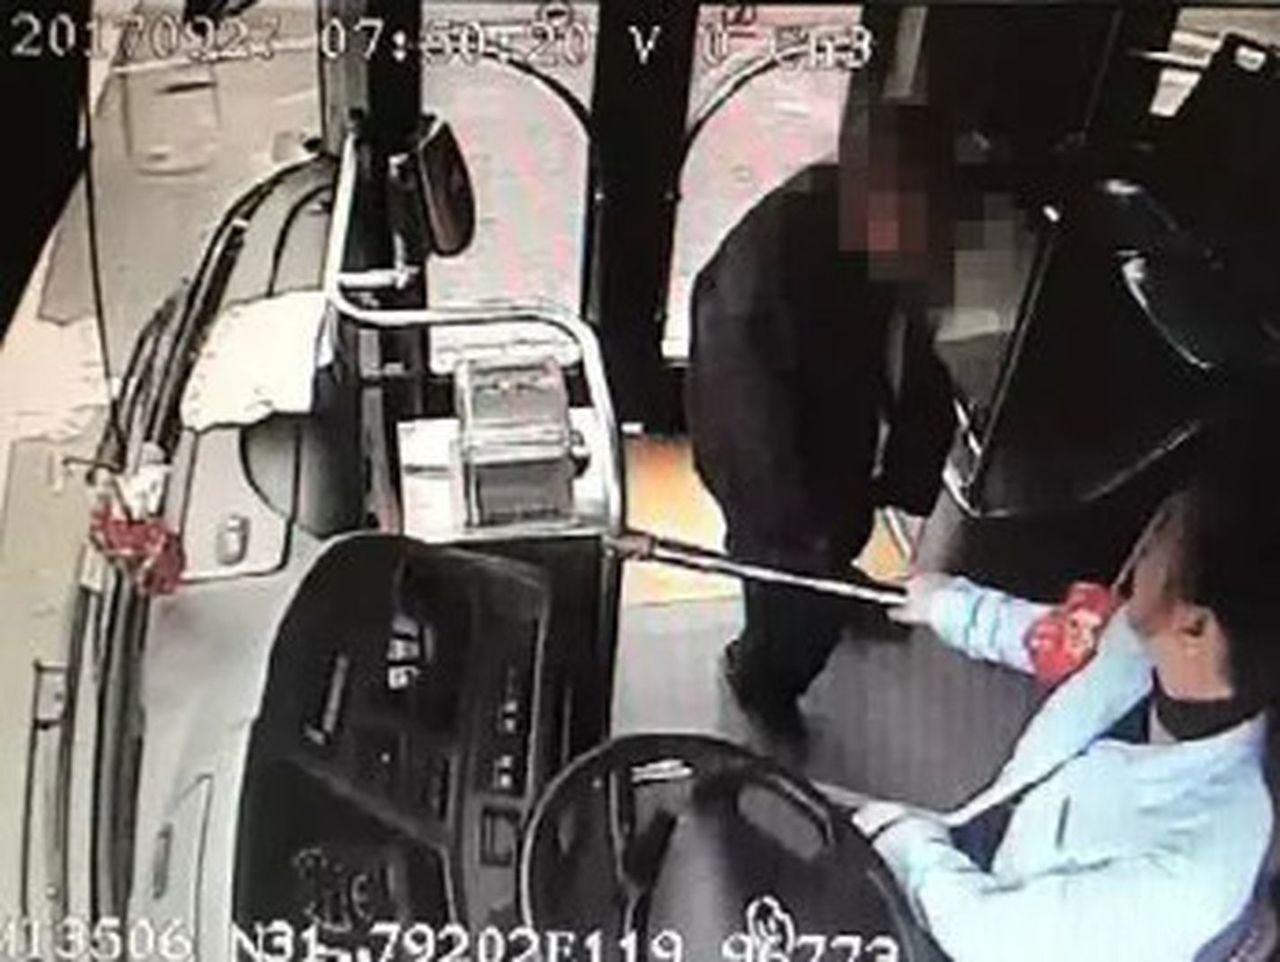 一位老人向駕駛員走去,並掏出了一盒紅色月餅。(視頻截圖)